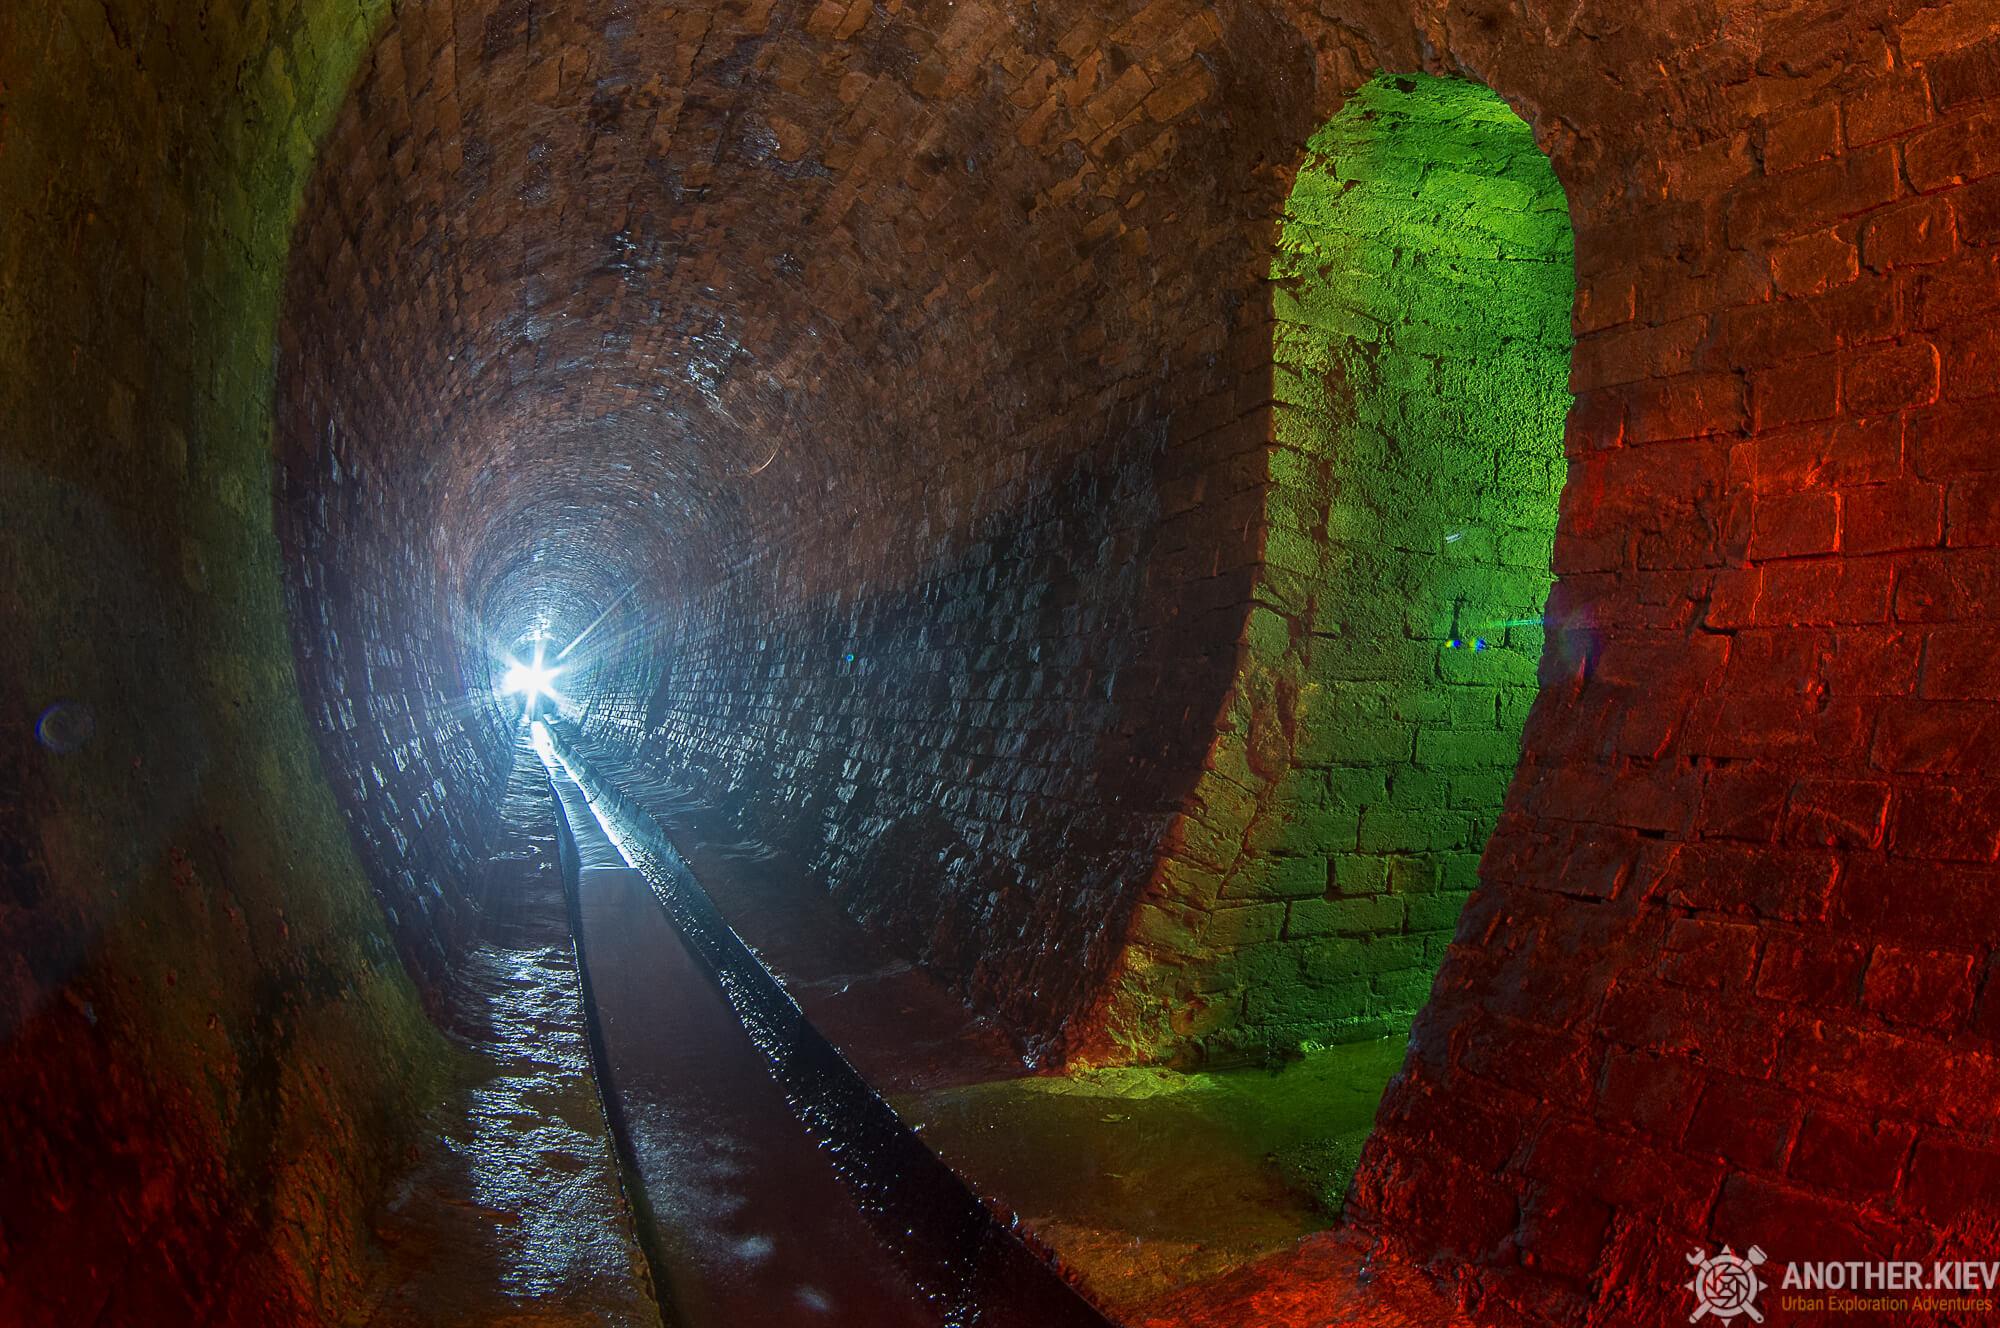 klov_IMGP3141 Туннели под Крещатиком - 2020.03.26 20:00